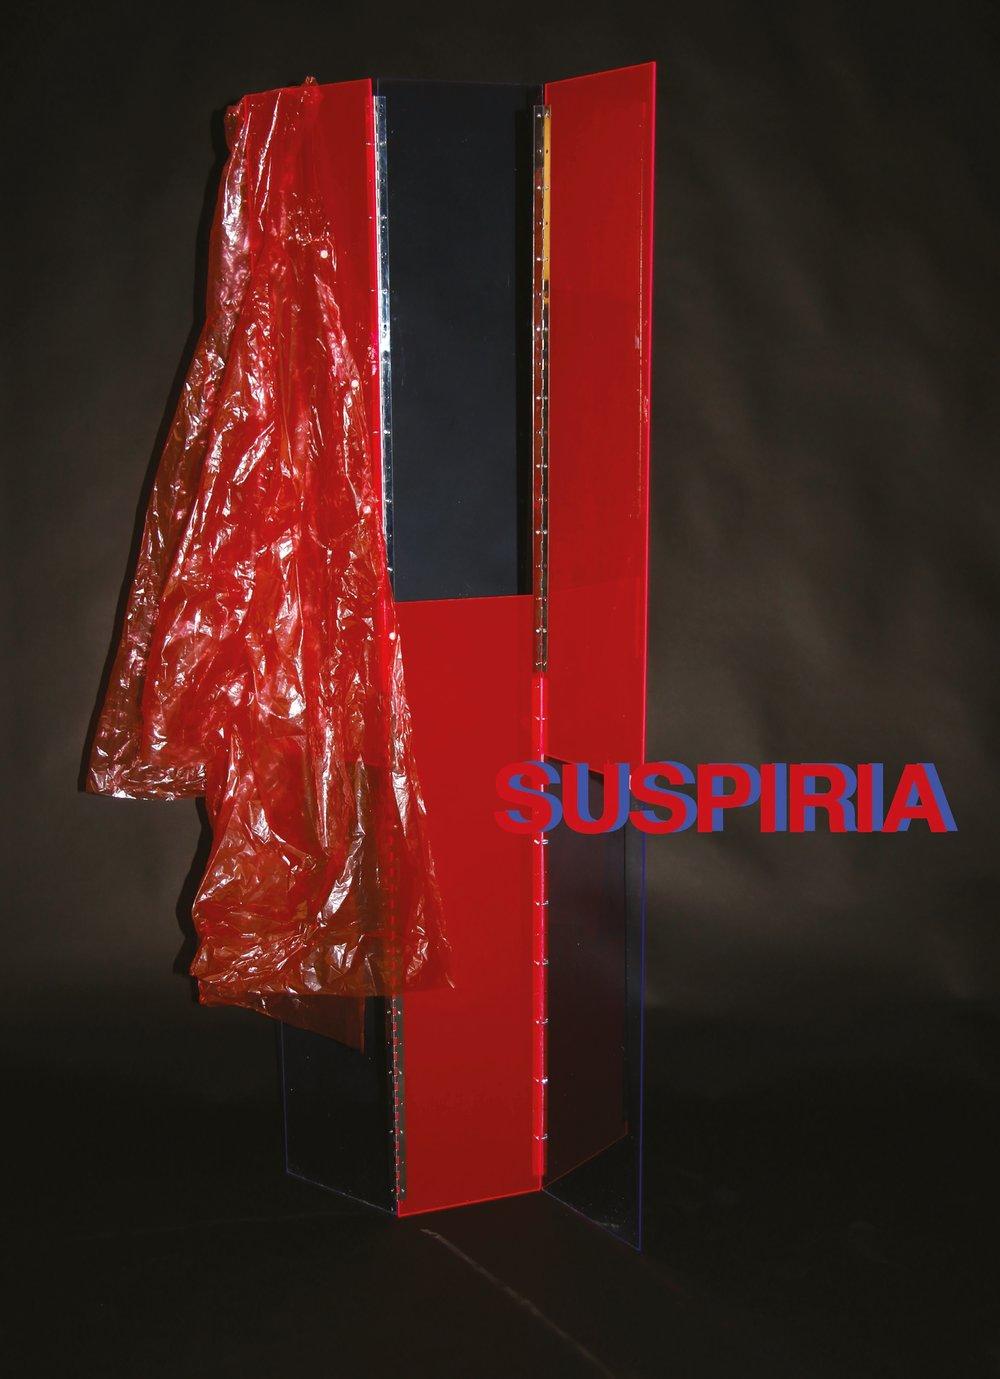 Suspiria-dark.jpg